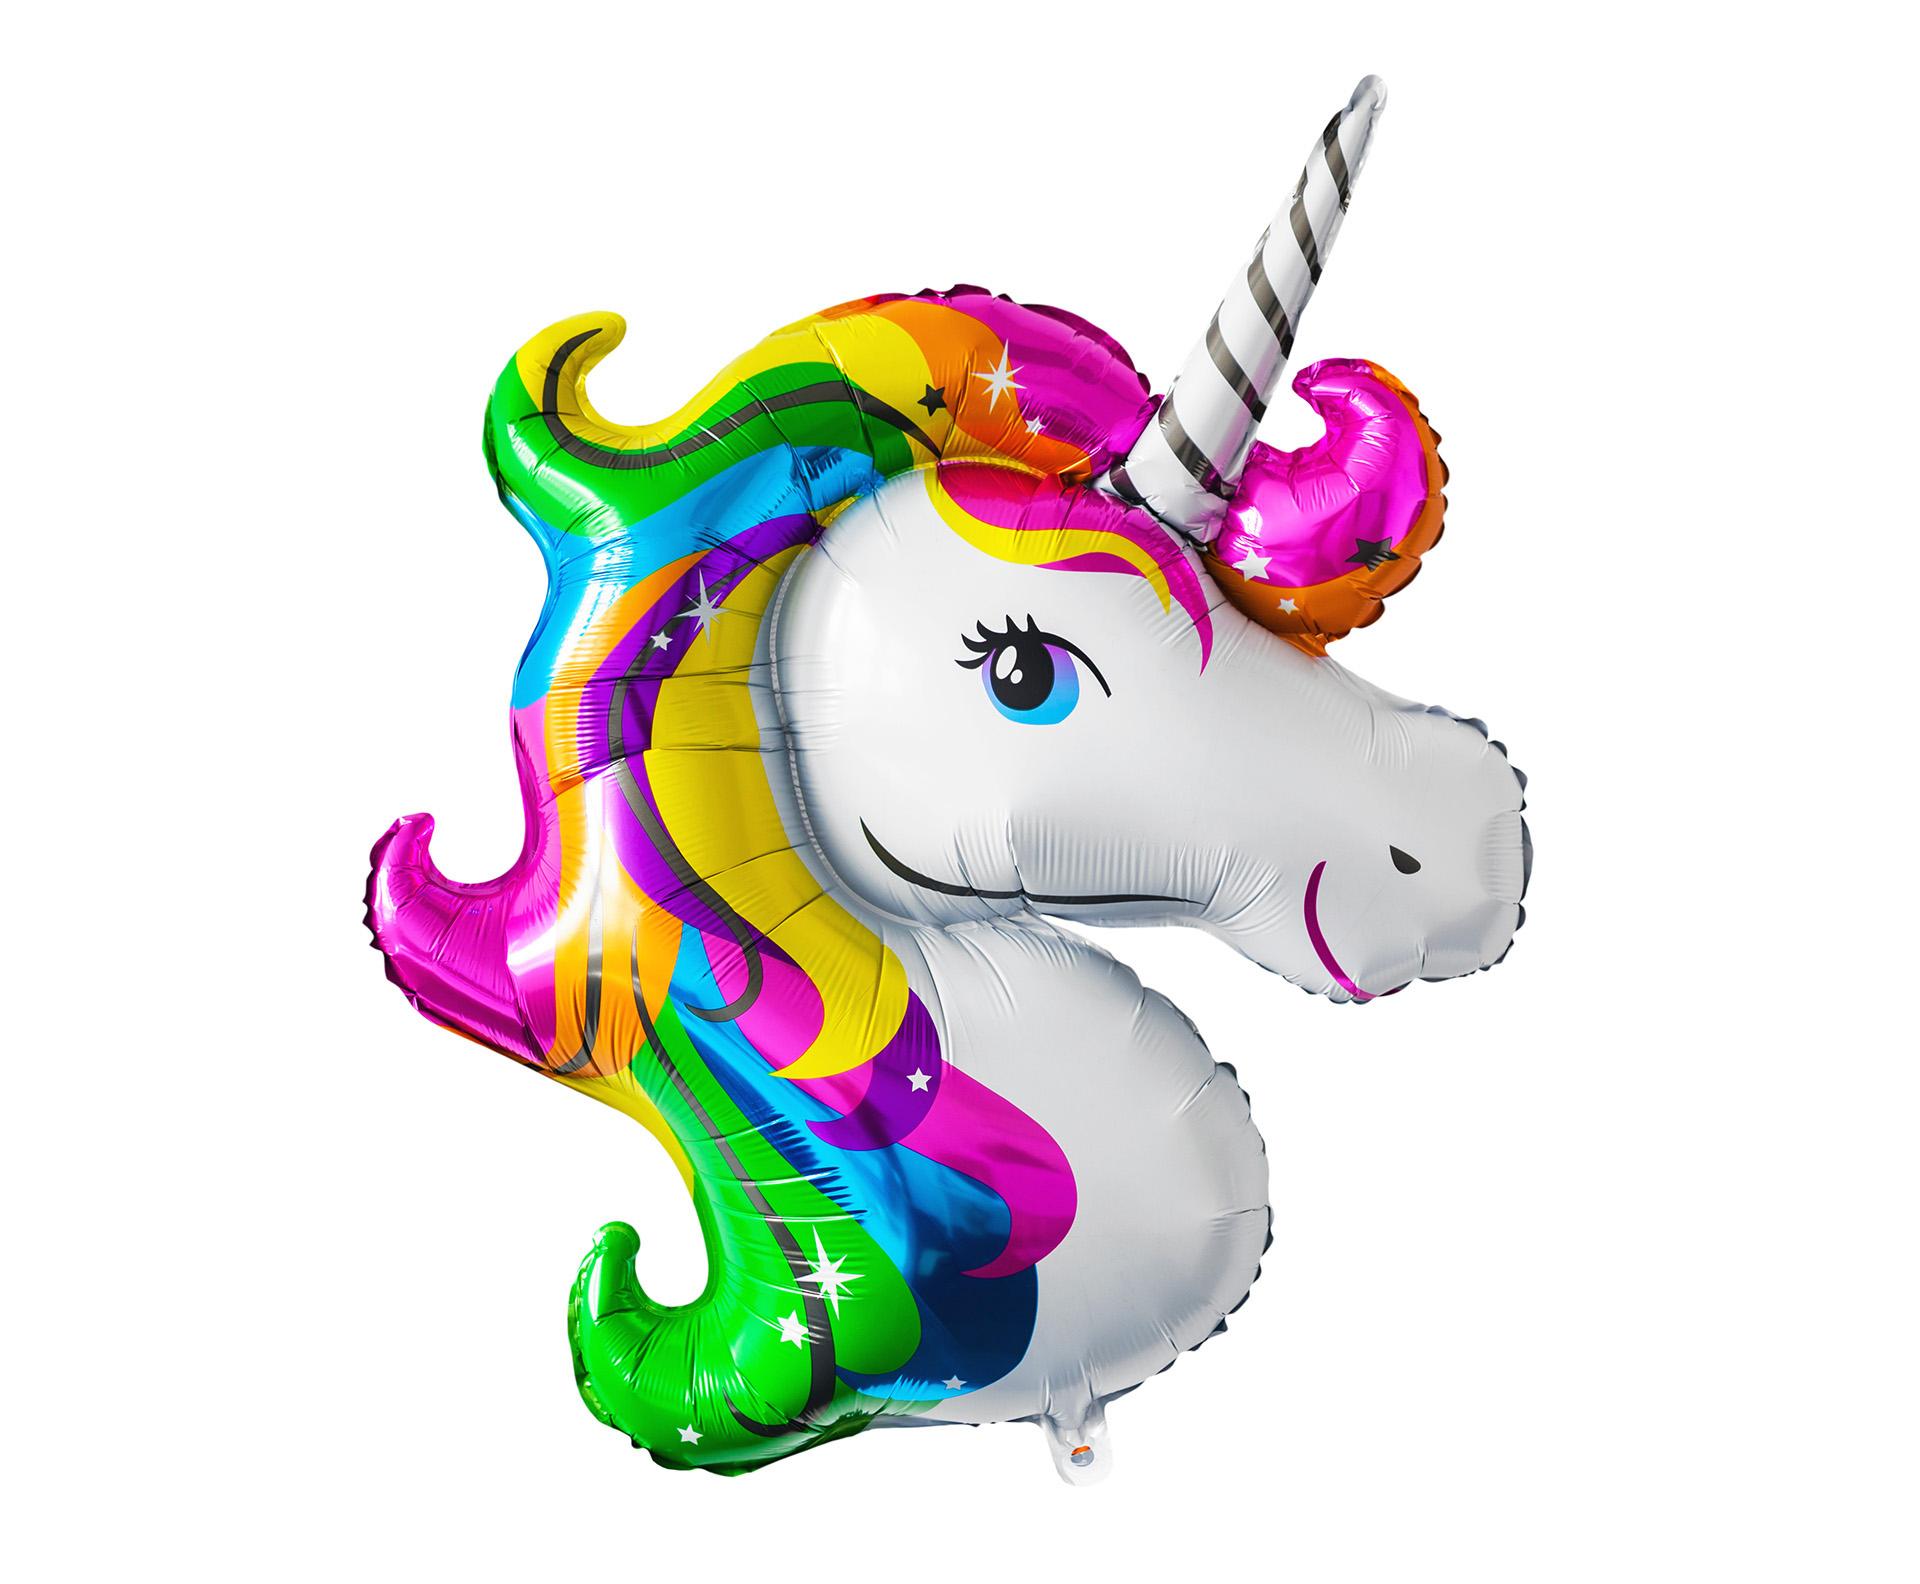 Mybeautyworld24 runder geburtstag dekozubeh r tischdeko ballongas geschenk unicorn kinderparty - Einhorn dekoration ...